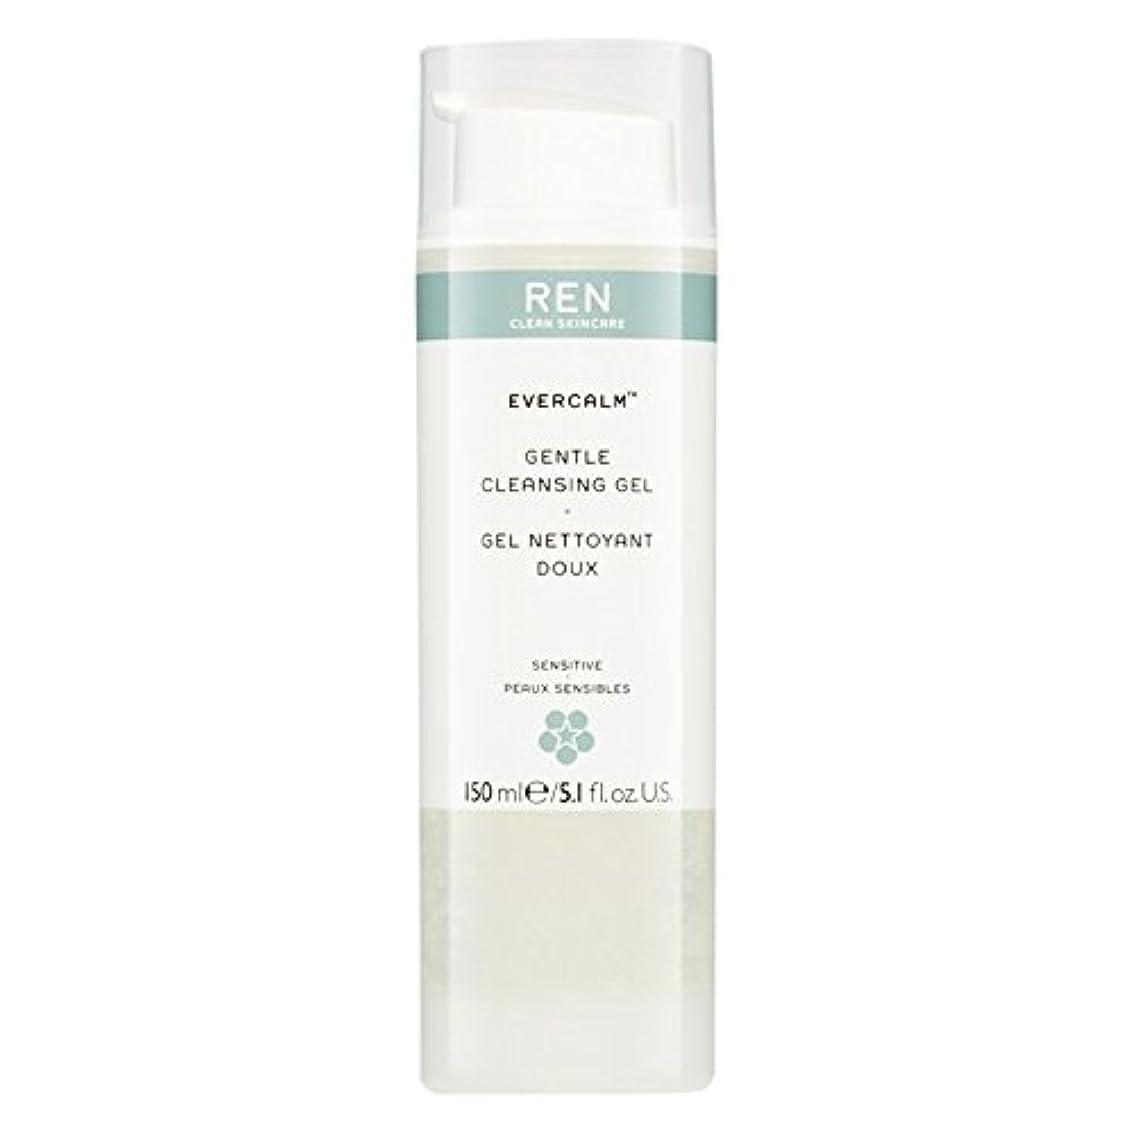 サロンプロペラ滑るRen Evercalm優しいクレンジングジェル、150ミリリットル (REN) (x2) - REN Evercalm Gentle Cleansing Gel, 150ml (Pack of 2) [並行輸入品]